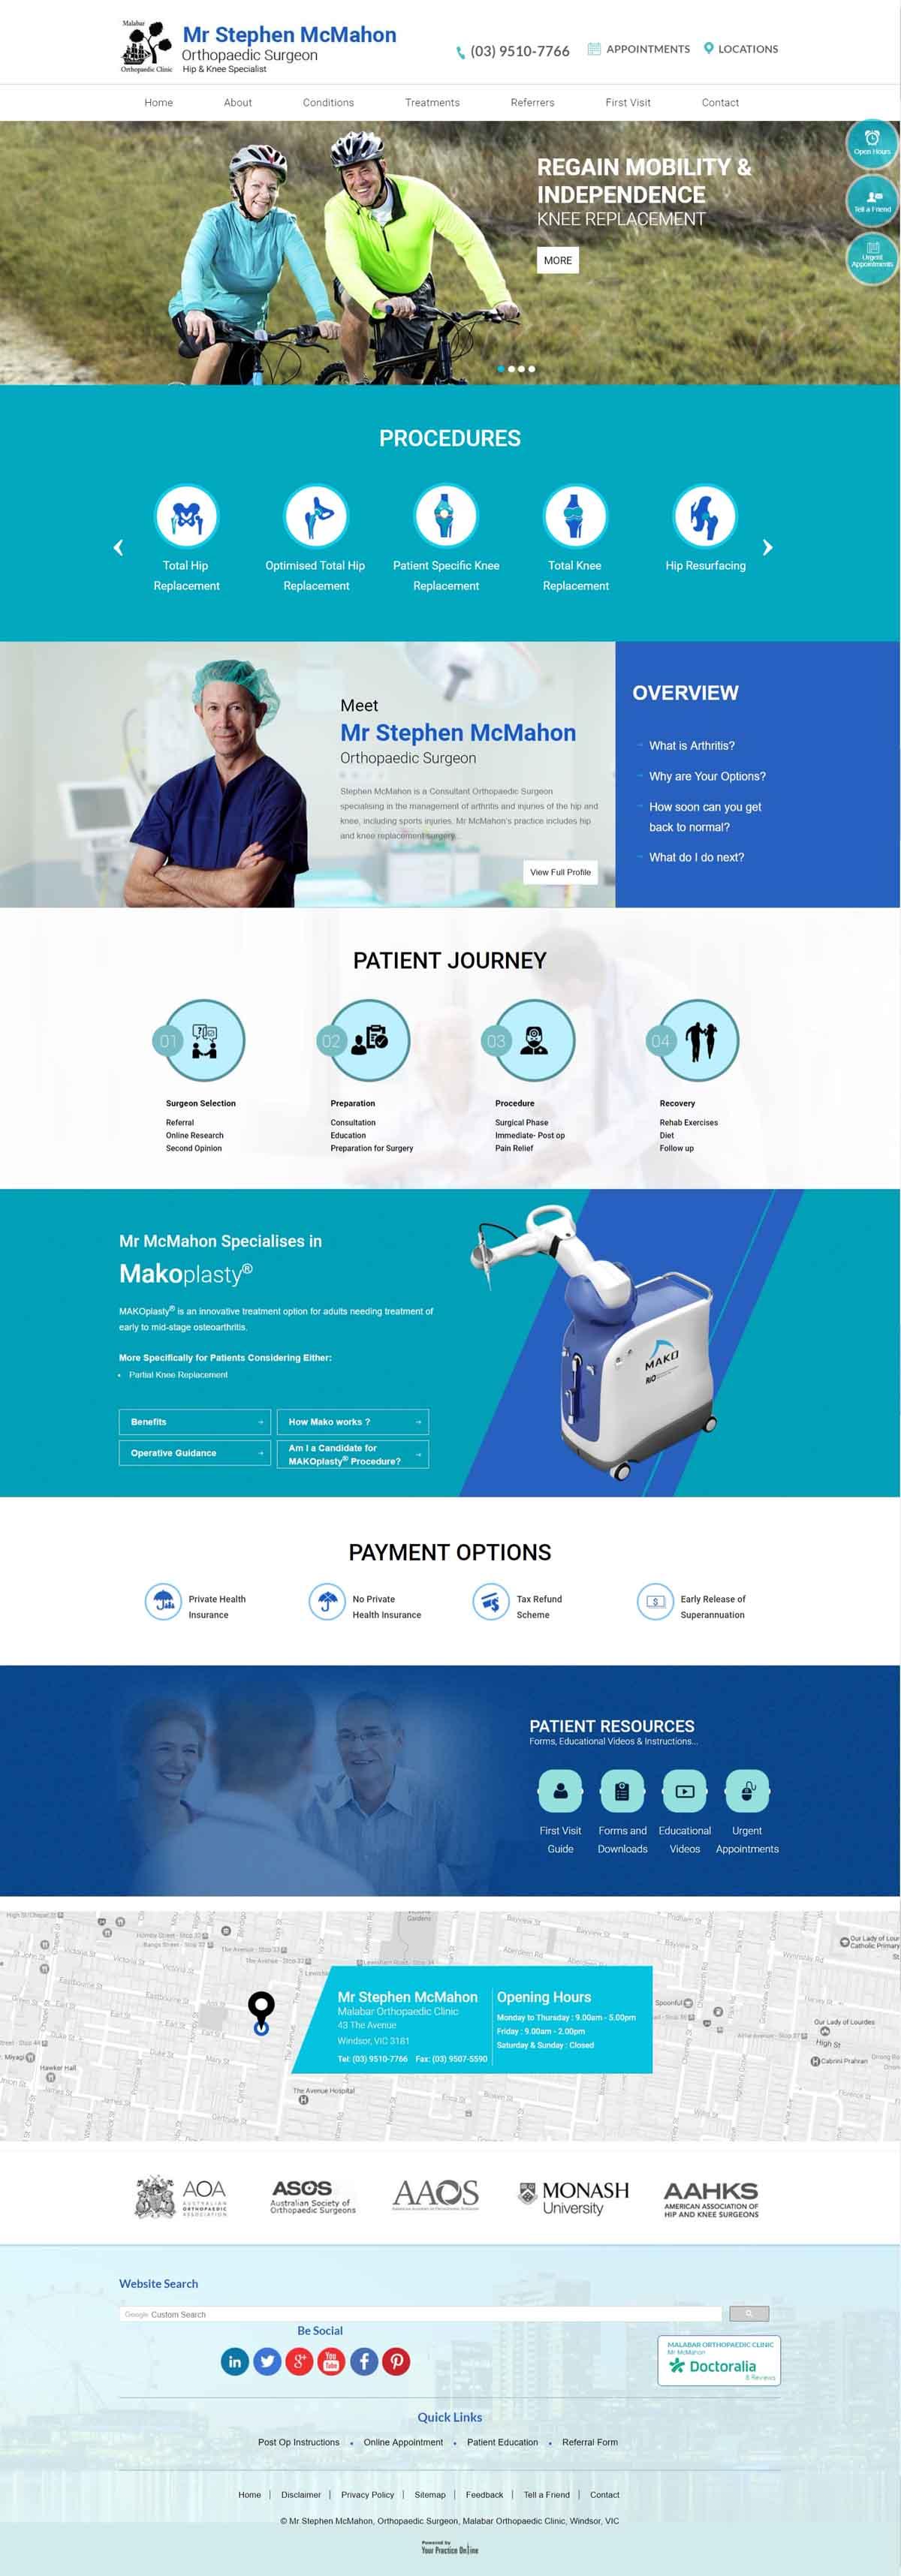 Orthopaedic Surgeon Hip & Knee Specialist Website